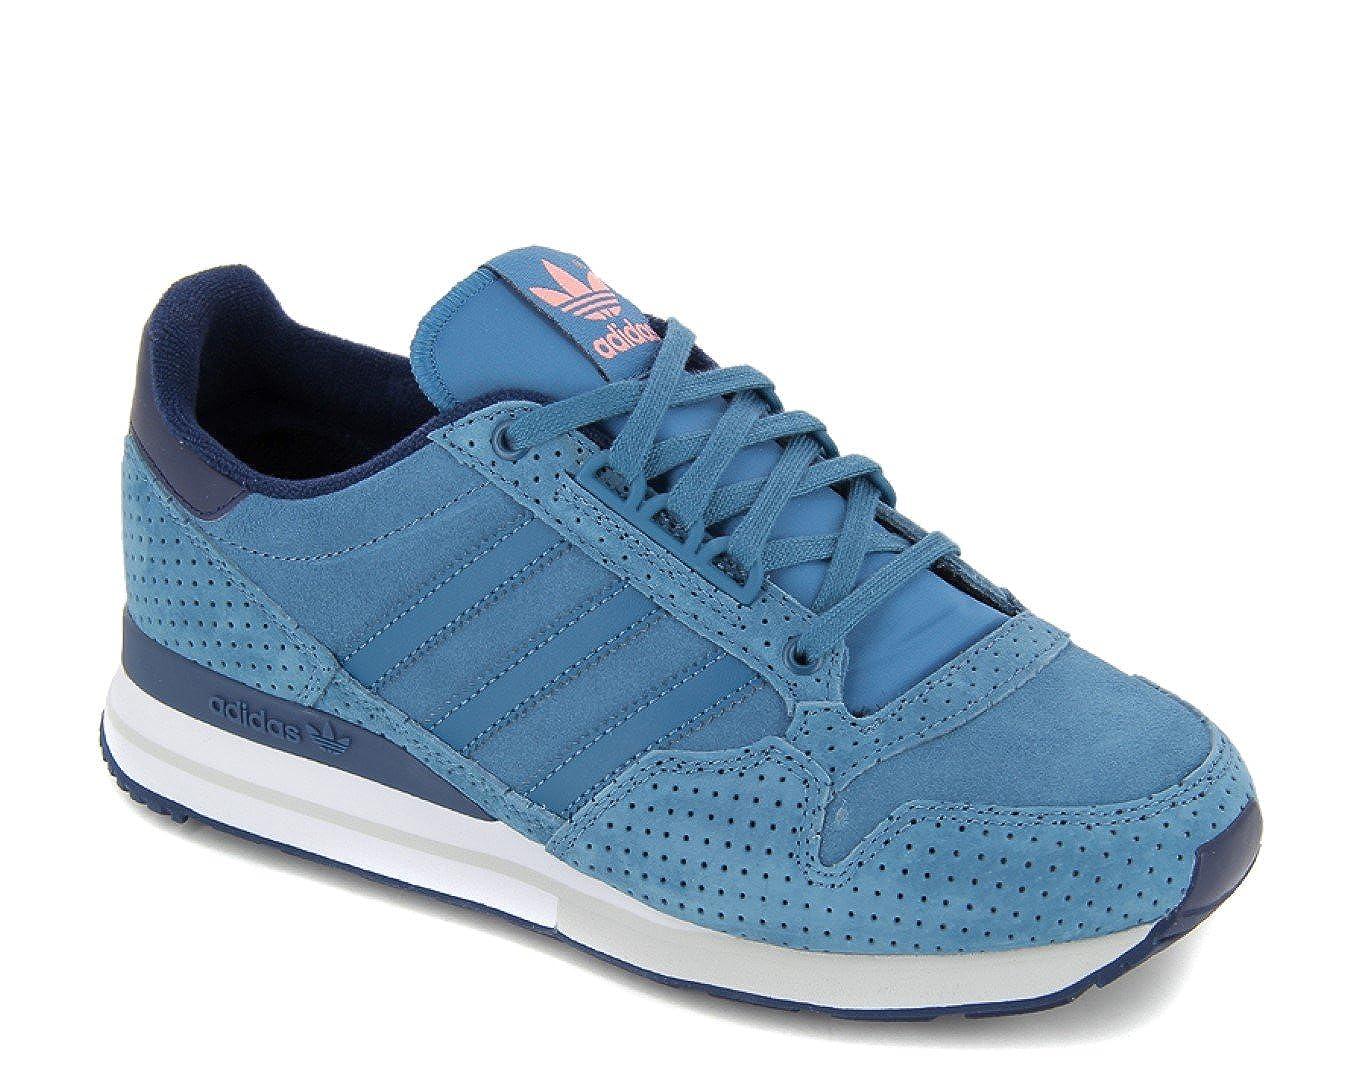 Adidas ZX 500 OG W Women Damen Sneaker Schuhe S78942 Gr. 41 1 3 -  associate-degree.de 7091af4aef